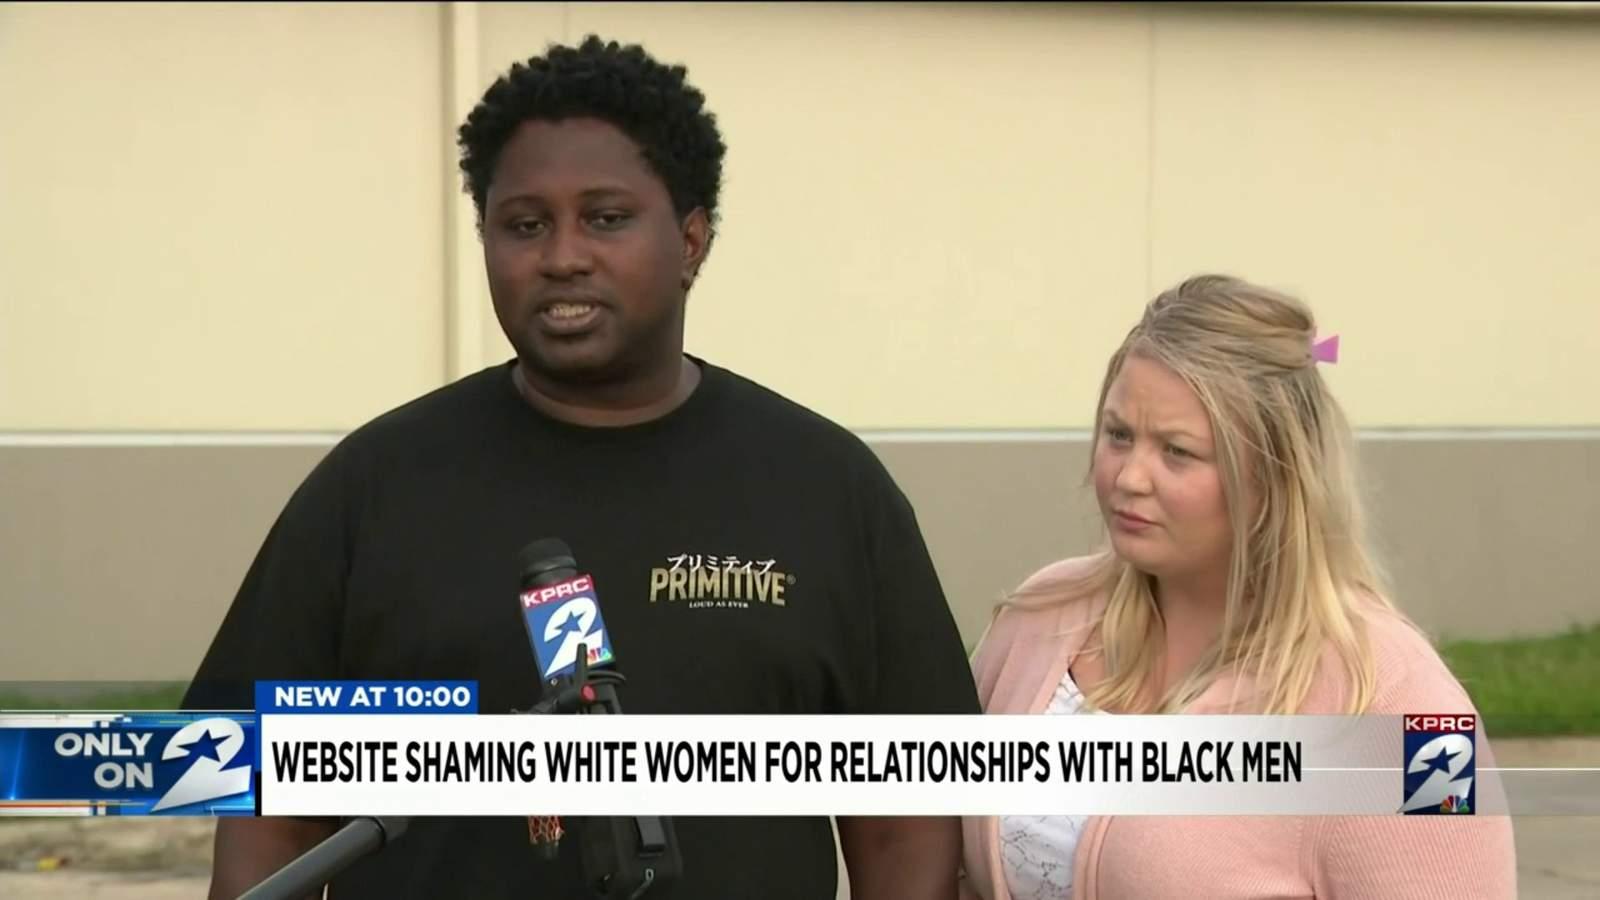 Dating black women vs. white women apps not updating